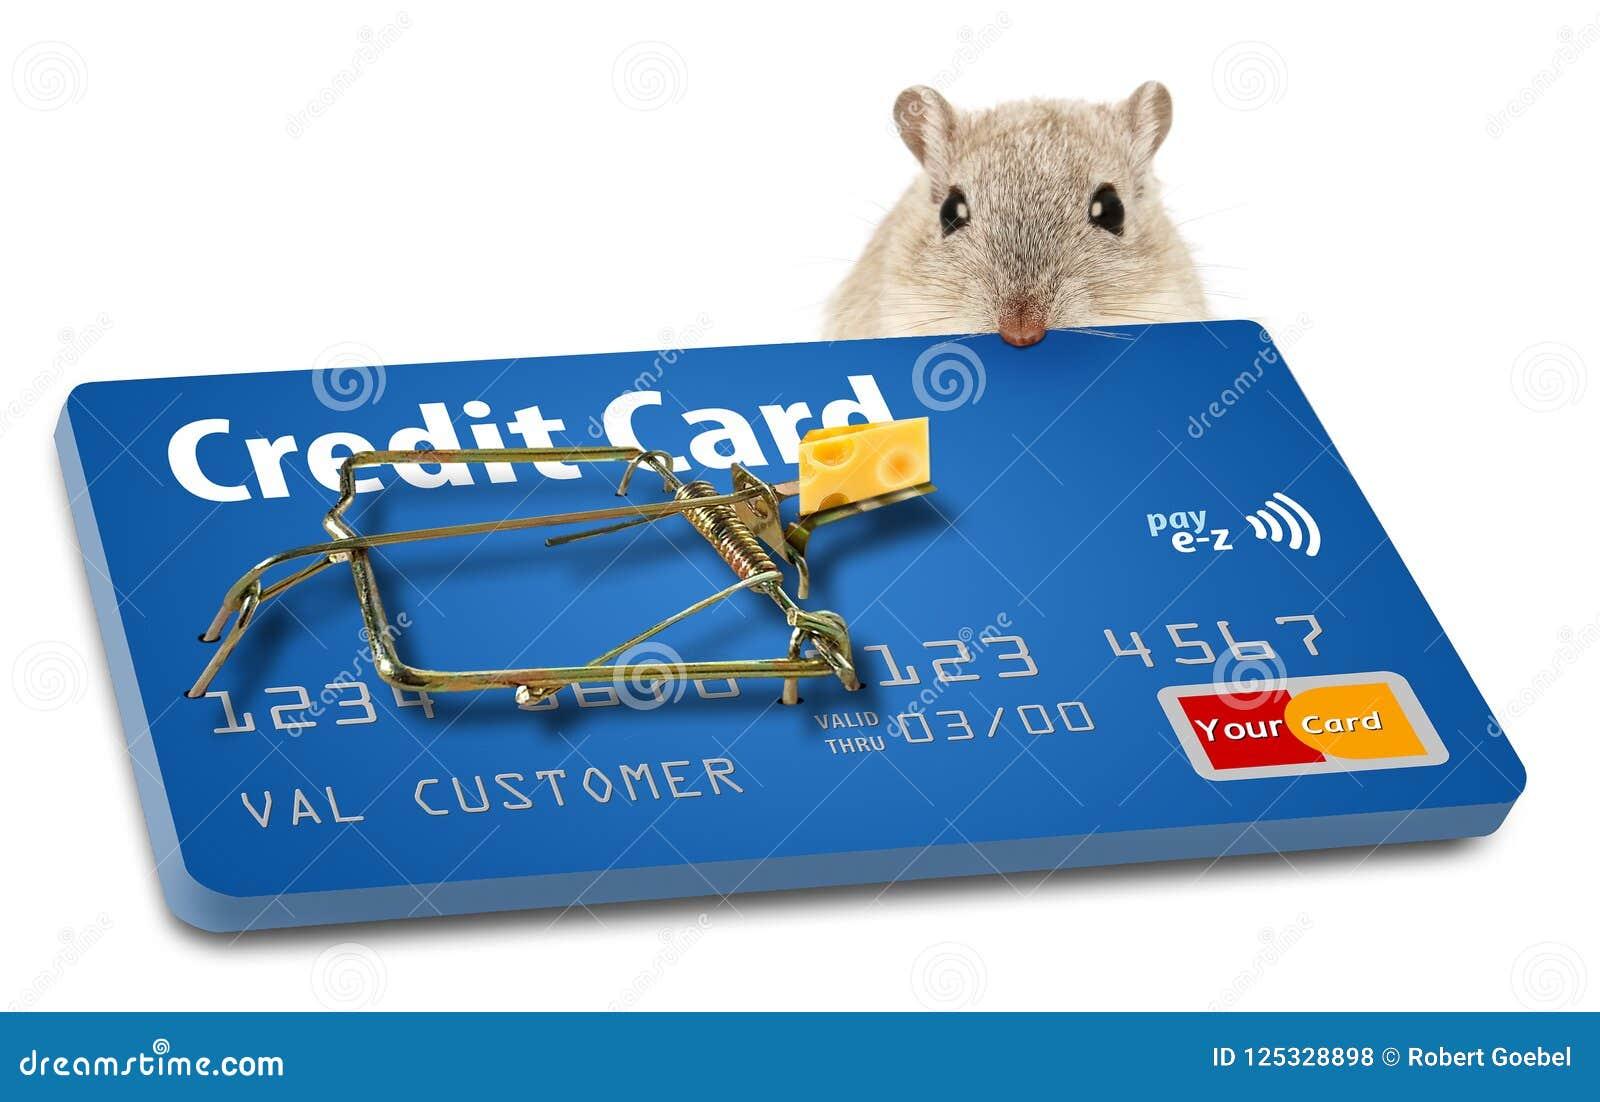 Vermijd creditcardvallen Een gelokt muizeval maakt dit punt